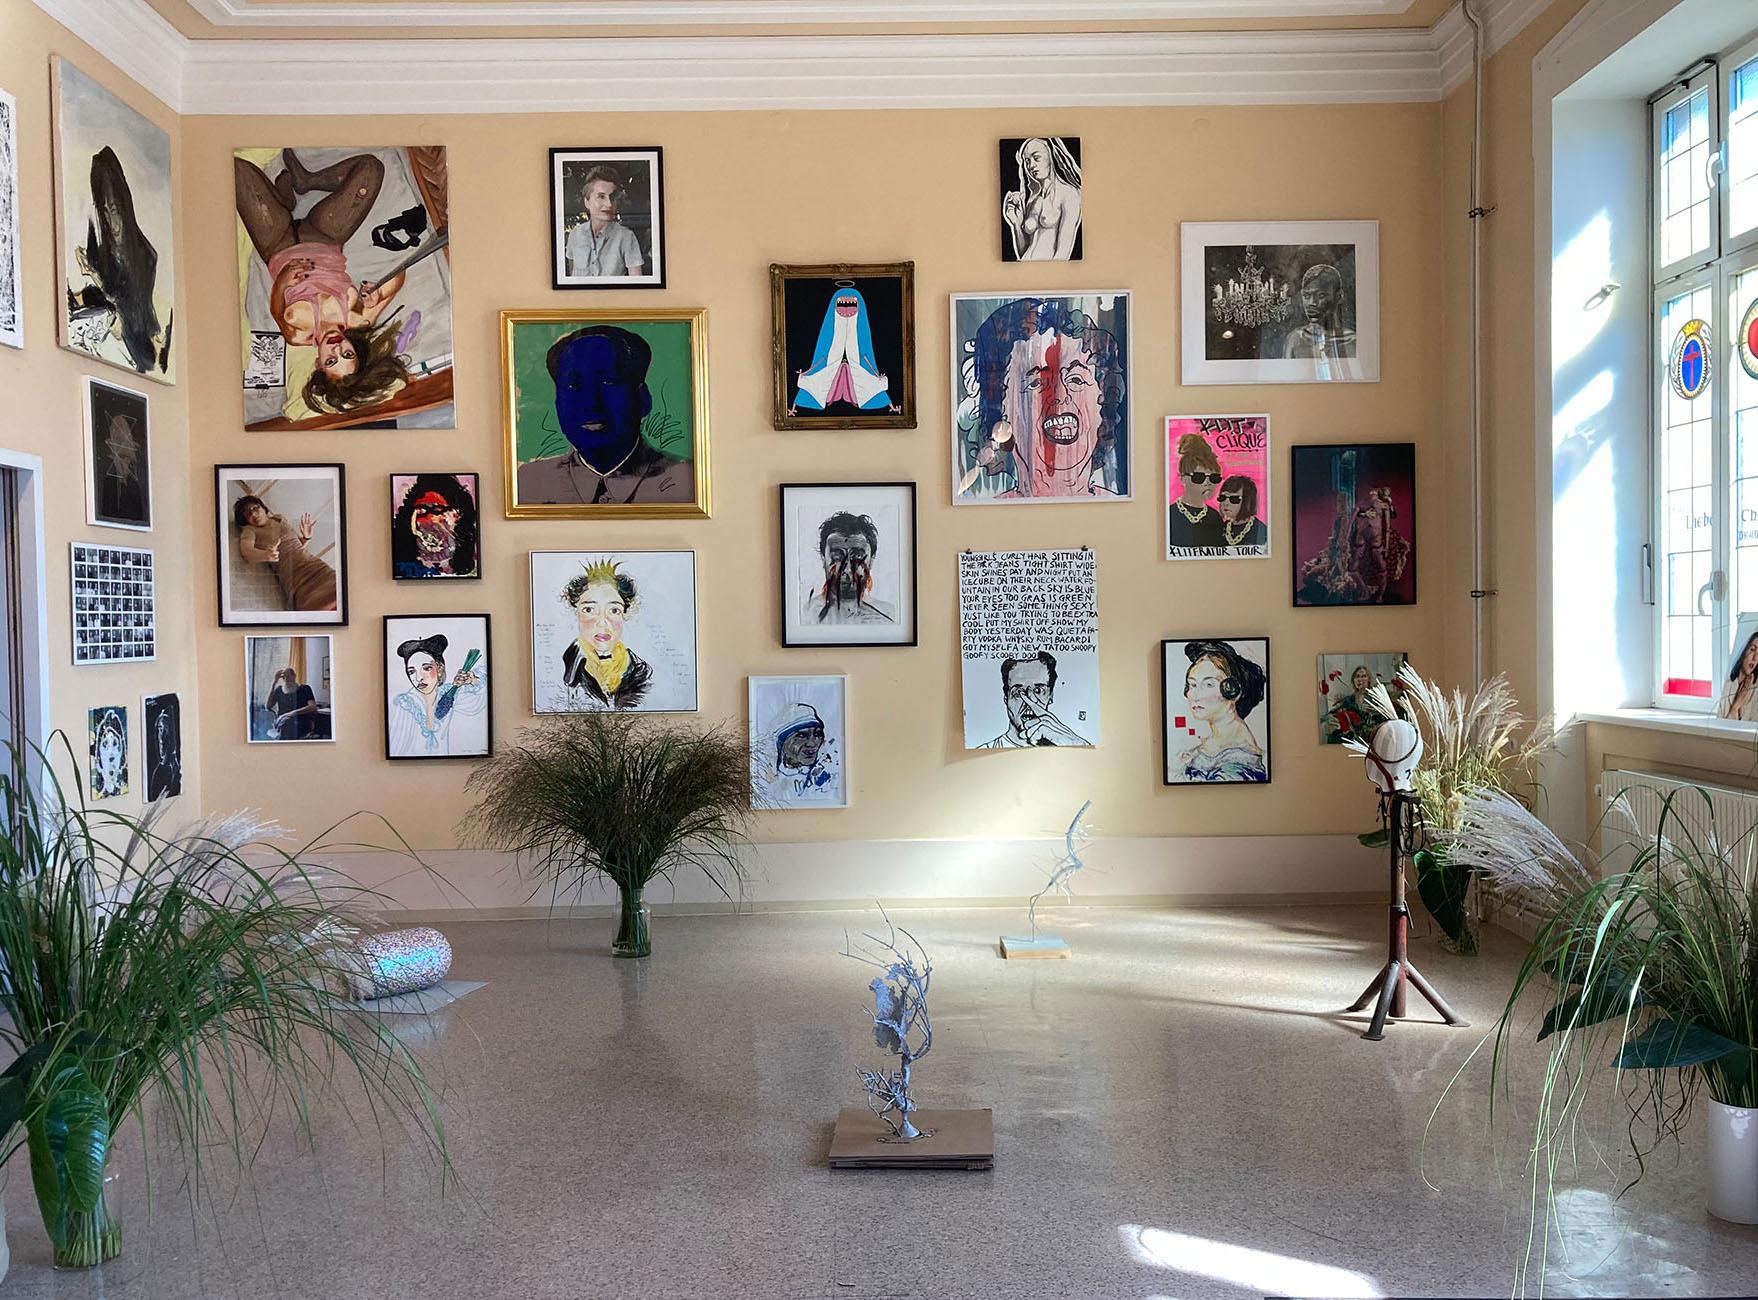 parallel vienna, 2021, art sculptural ,garden, indoors, curator statement,  büro weltausstellung